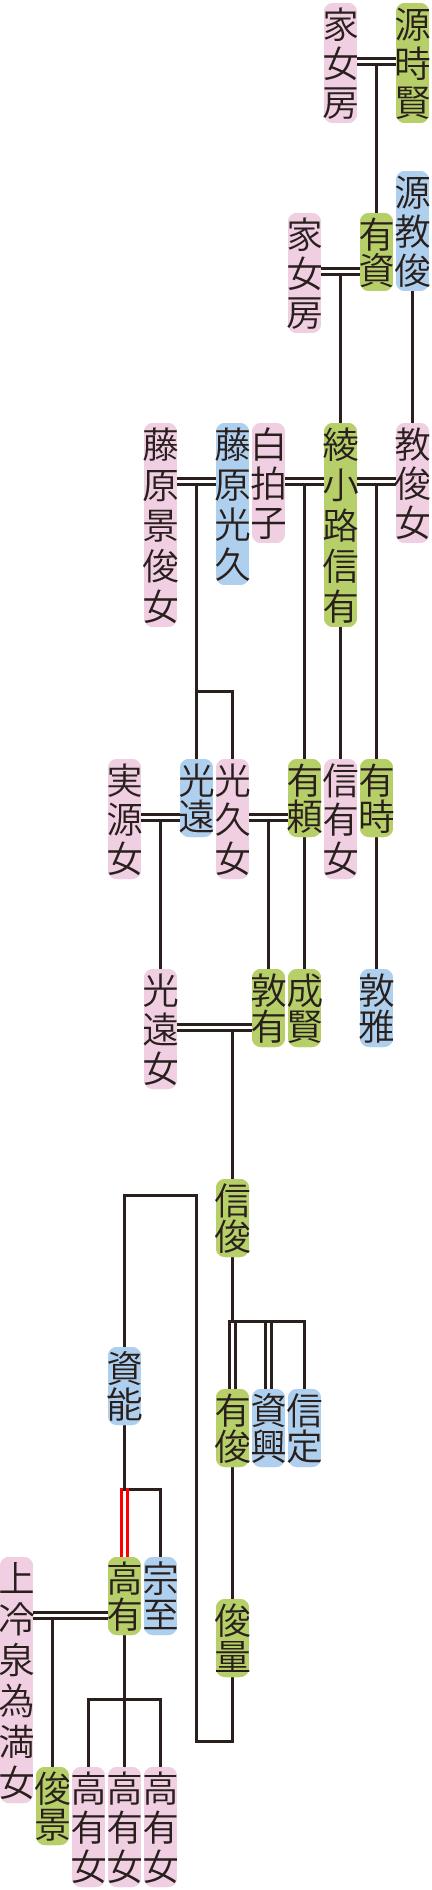 綾小路信有~資能の系図